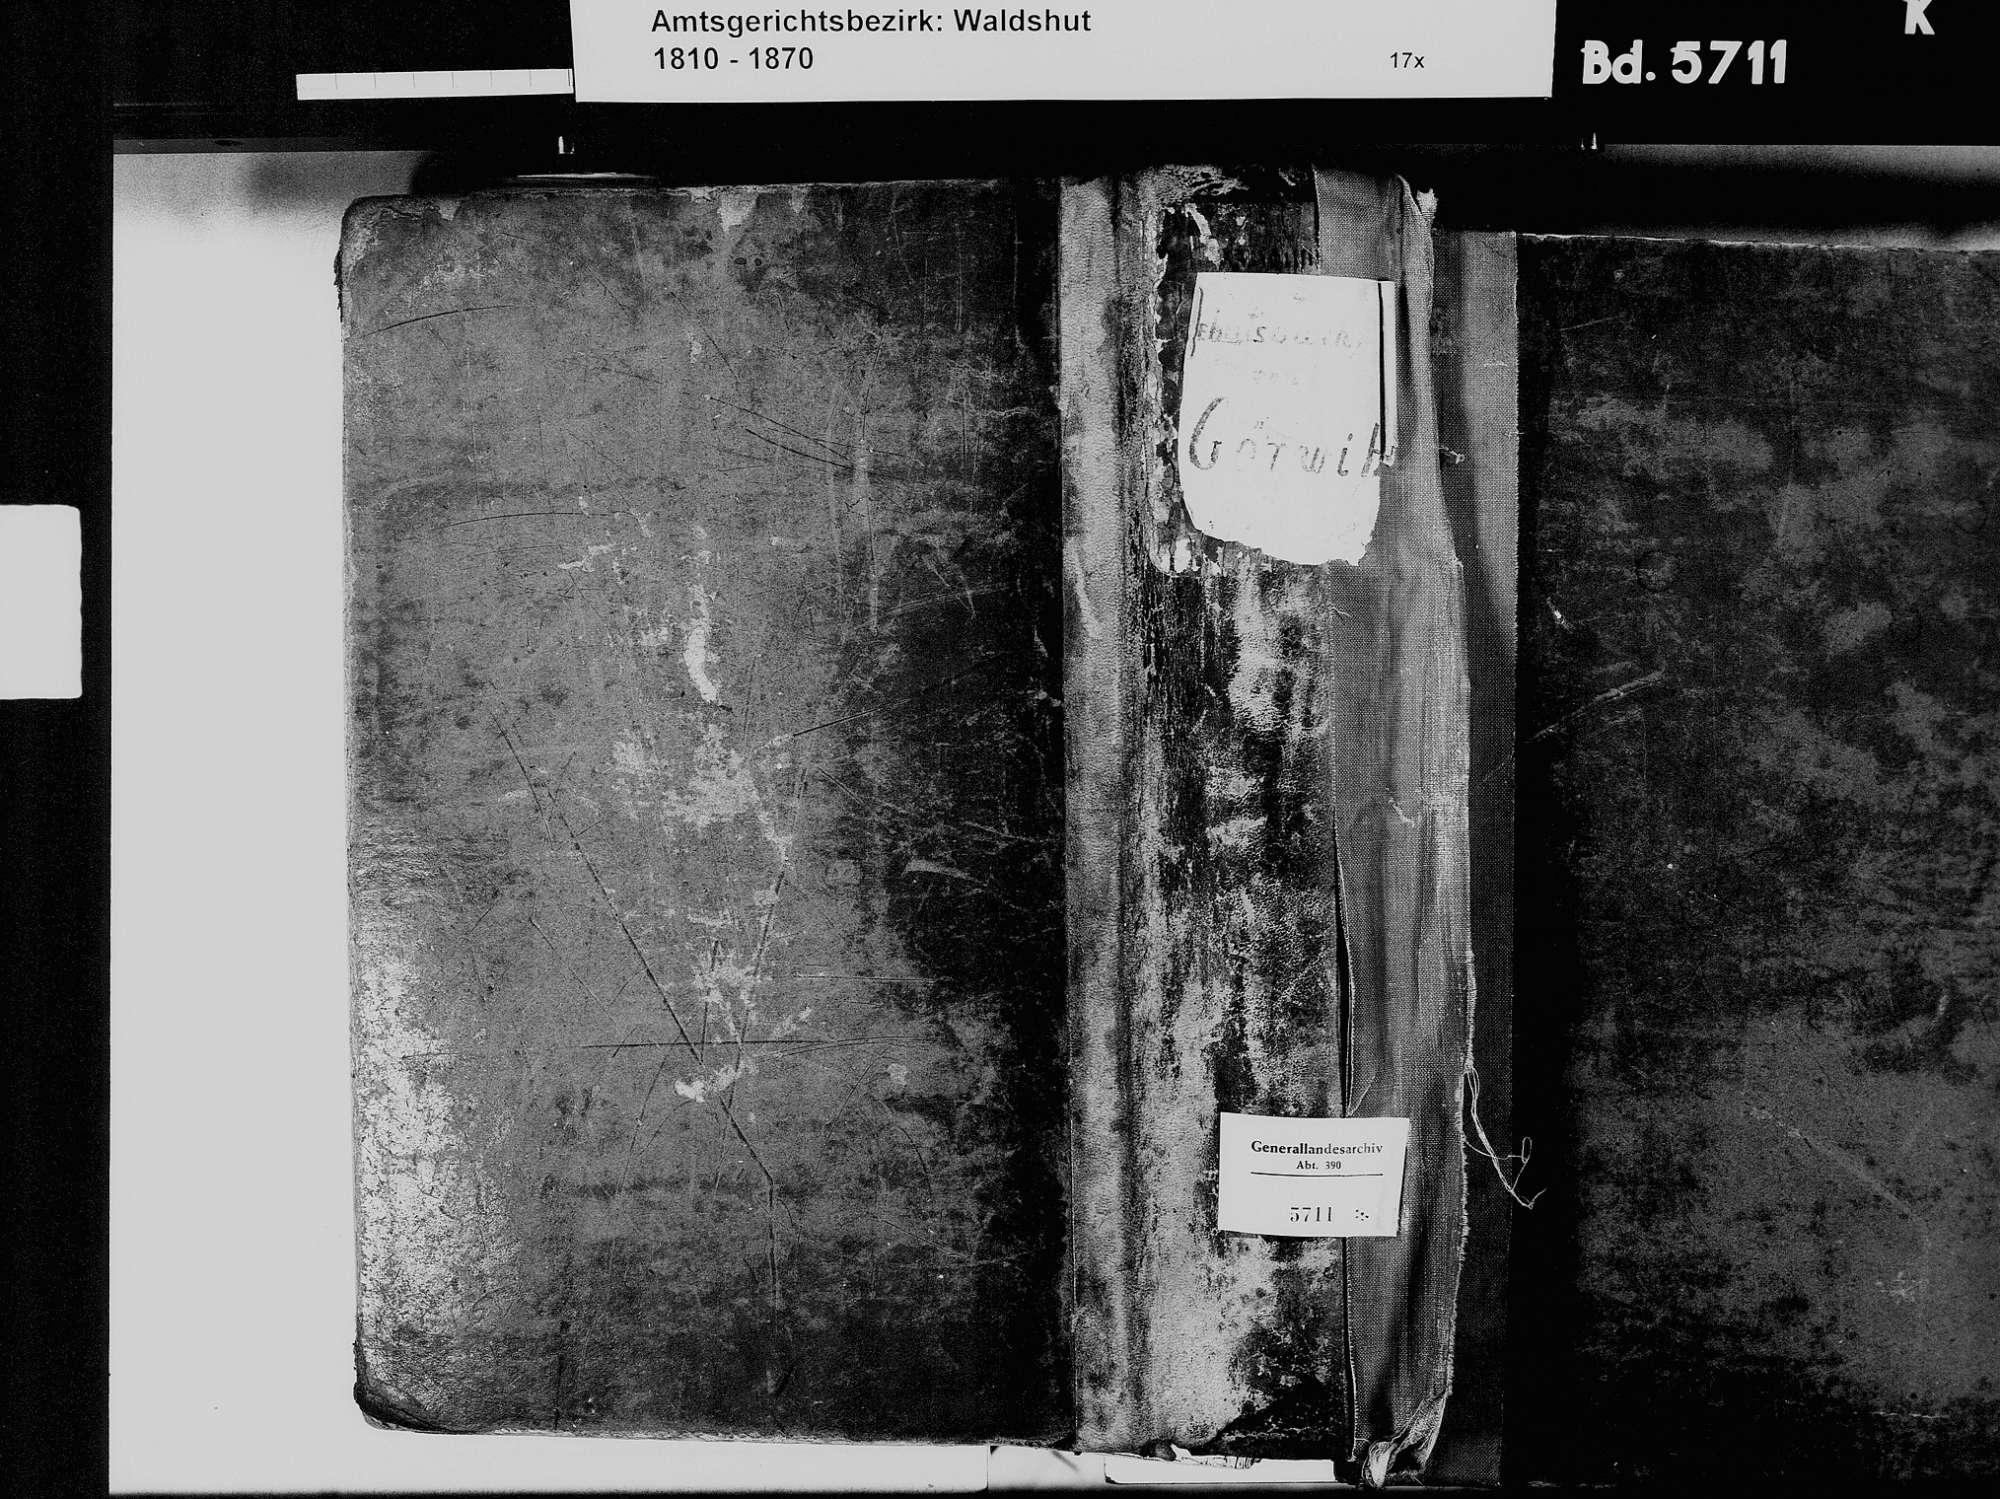 Görwihl WT; Katholische Gemeinde: Geburtenbuch 1810-1869 Görwihl WT; Katholische Gemeinde: Heiratsbuch 1823, 1849-1851 Görwihl WT; Katholische Gemeinde: Sterbebuch 1823, 1849-1851, Bild 2